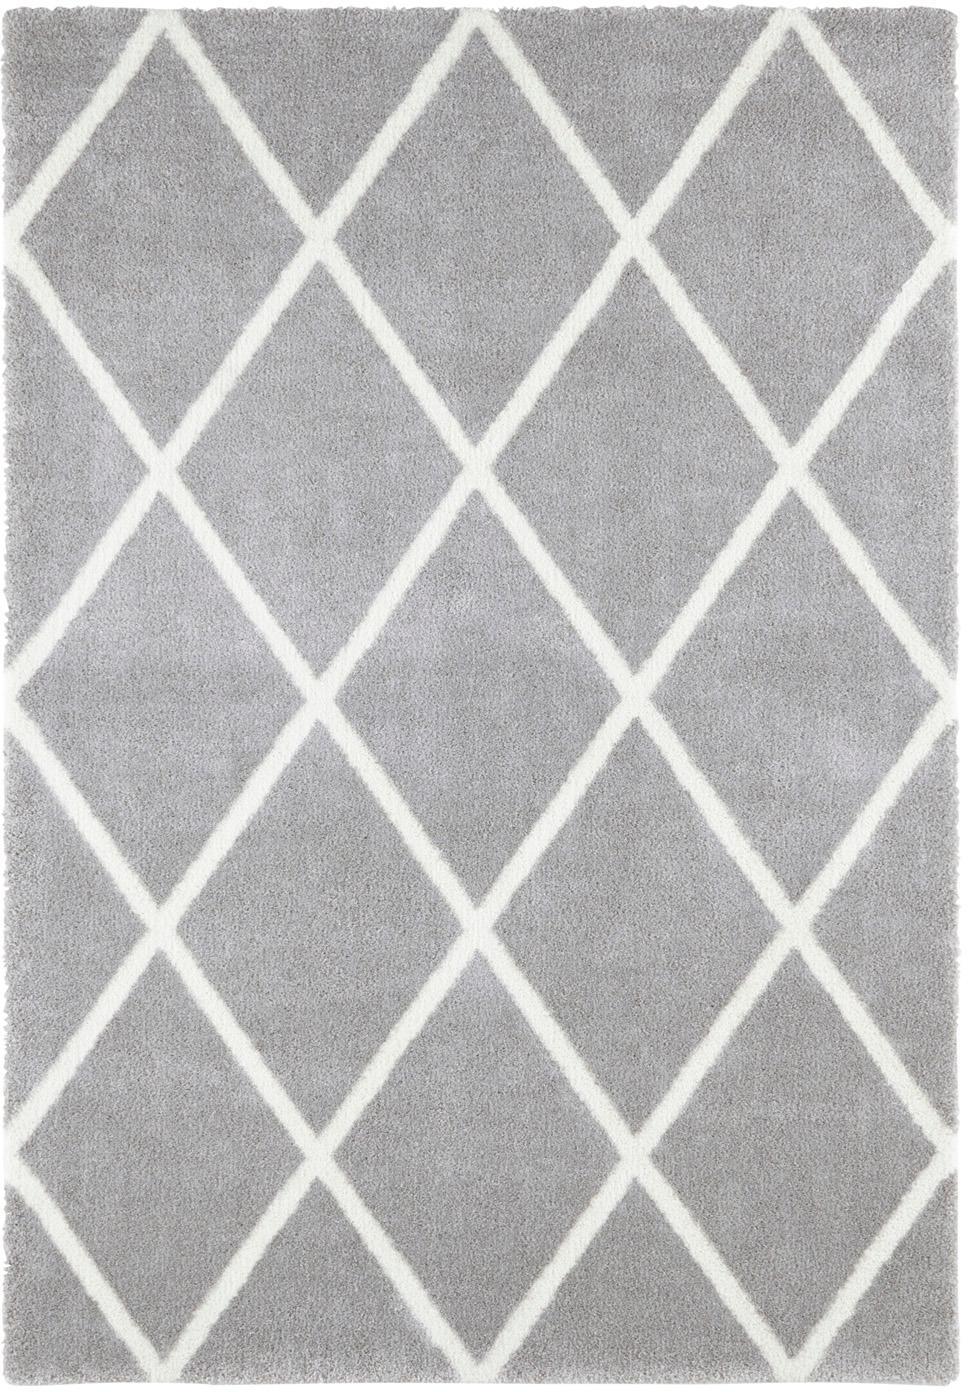 Teppich Lunel mit Rautenmuster, Flor: 85%Polypropylen, 15%Pol, Silbergrau, Creme, B 120 x L 170 cm (Grösse S)